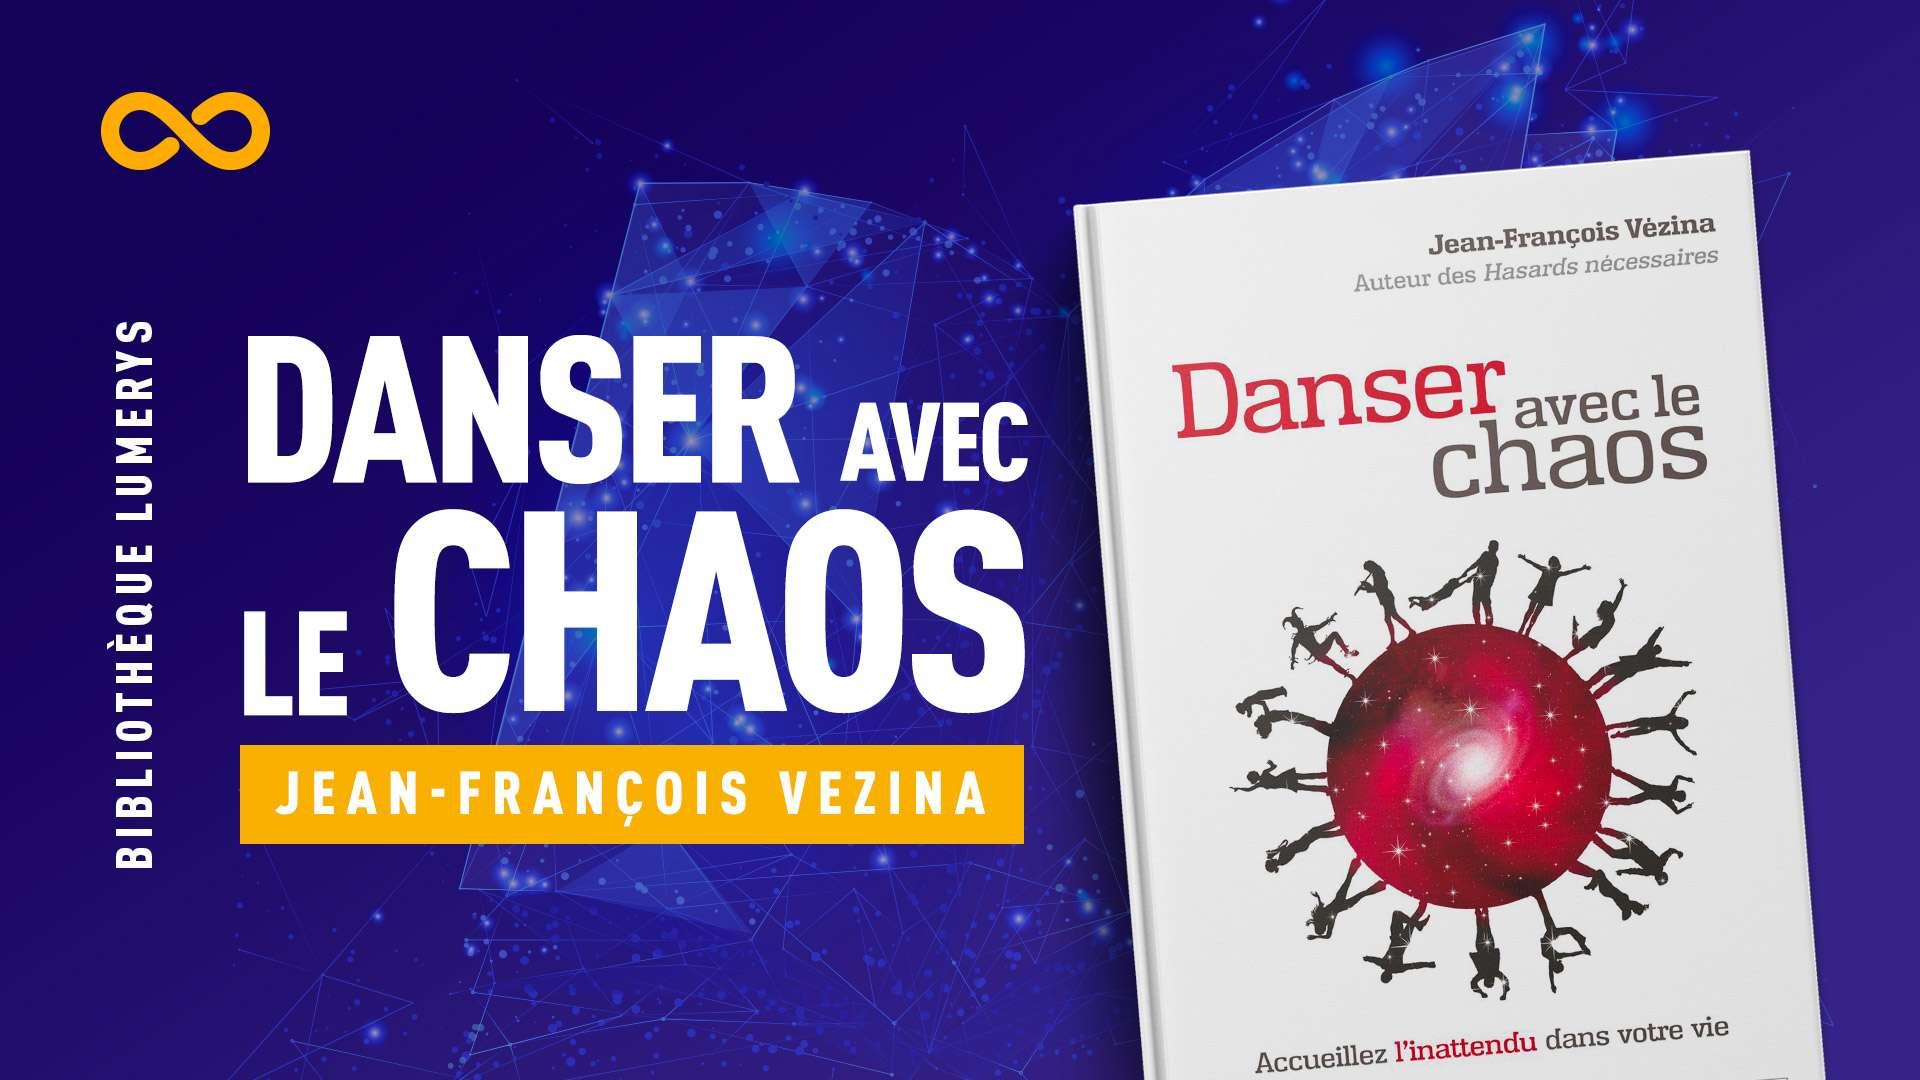 danser-avec-le-chaos